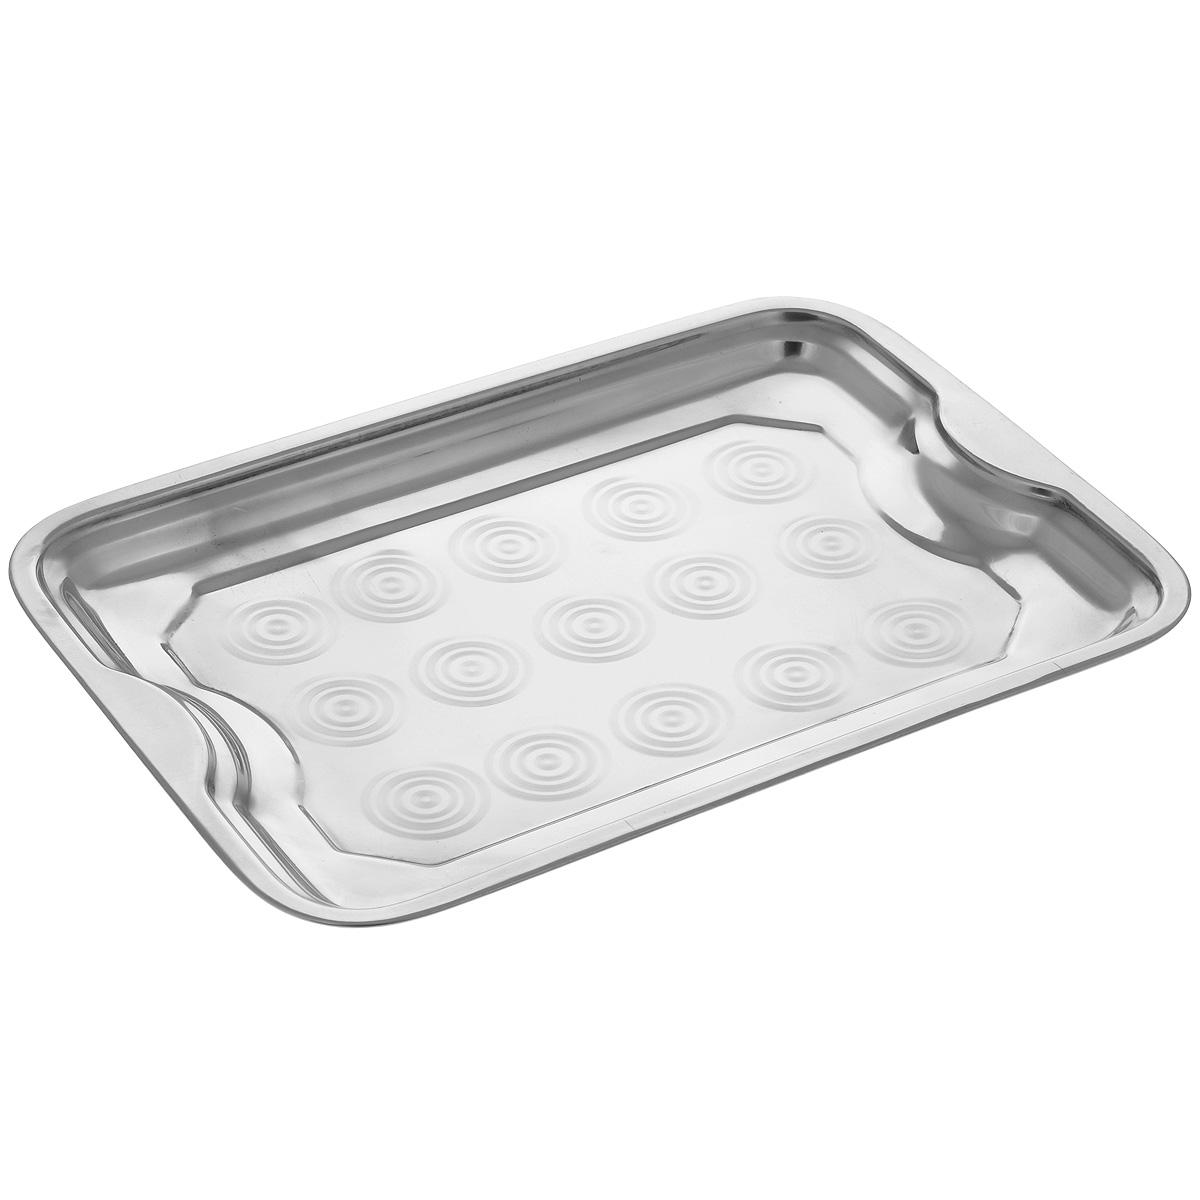 Поднос Padia, 37,5 см х 27 смVT-1520(SR)Прямоугольный поднос Padia выполнен из серебряно-нержавеющей стали. Он отлично подойдет для красивой сервировки различных блюд, закусок и фруктов на праздничном столе. Благодаря двум ручкам поднос с легкостью можно переносить с места на место. Поднос Padia займет достойное место на вашей кухне. Размер подноса: 37,5 см х 27 см х 2,5 см.